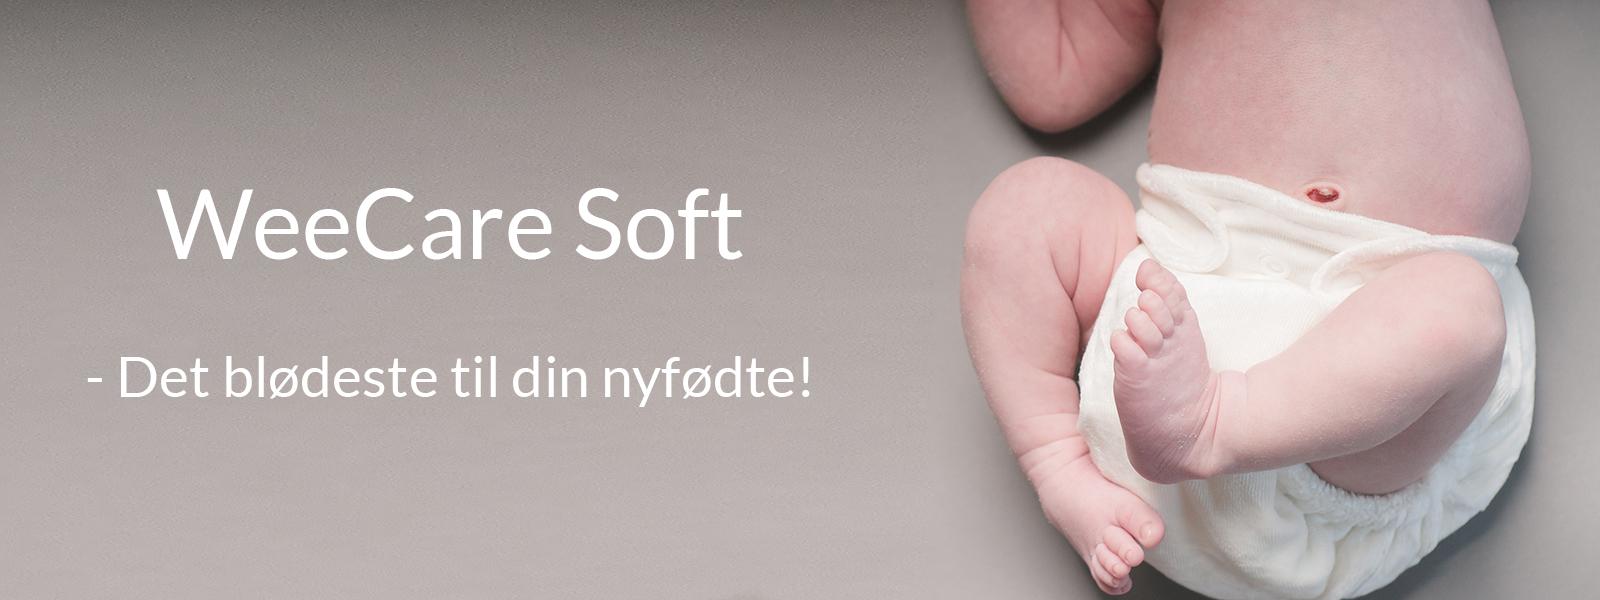 Stofble-til-nyfoedt-WeeCare -Soft